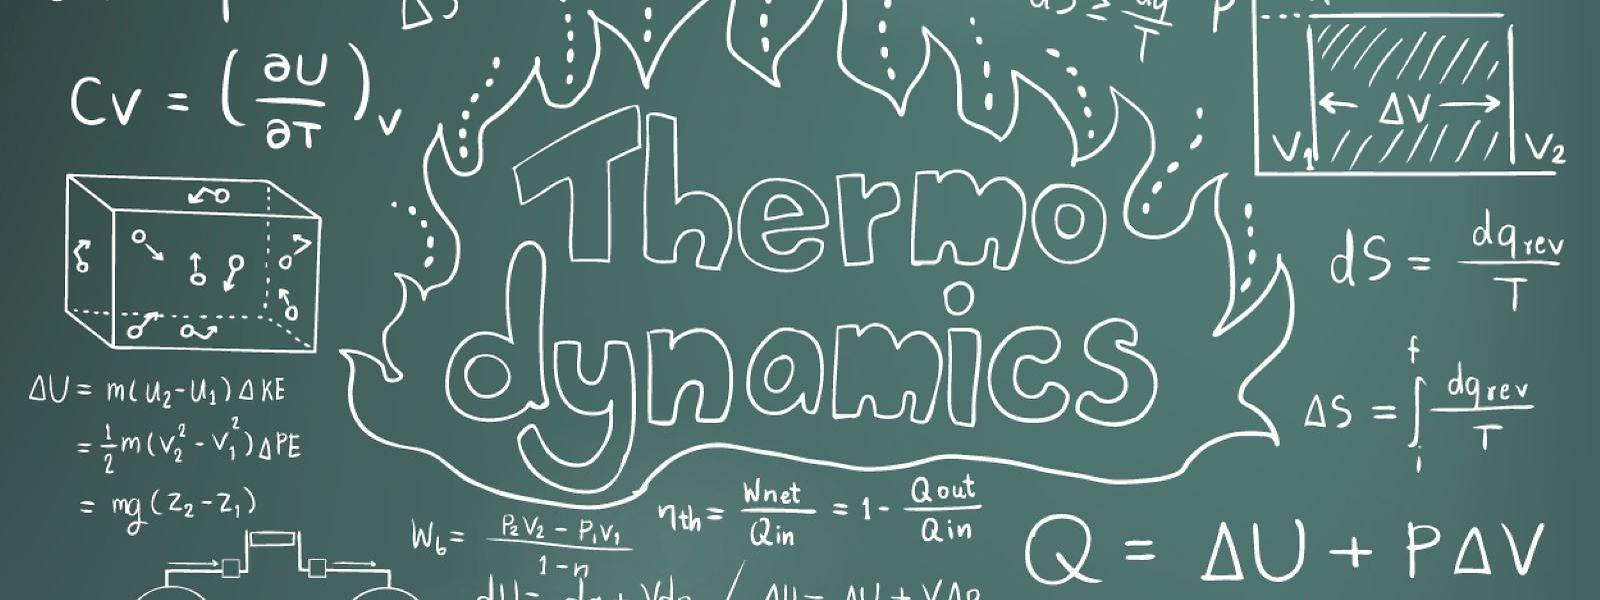 Mit seinen Untersuchungen mischt Massimiliano Esposito die Gesetze der Thermodynamik auf – ohne aber wirklich dagegen zu verstoßen. Damit will er solide theoretische Grundlagen für andere Forscher schaffen.